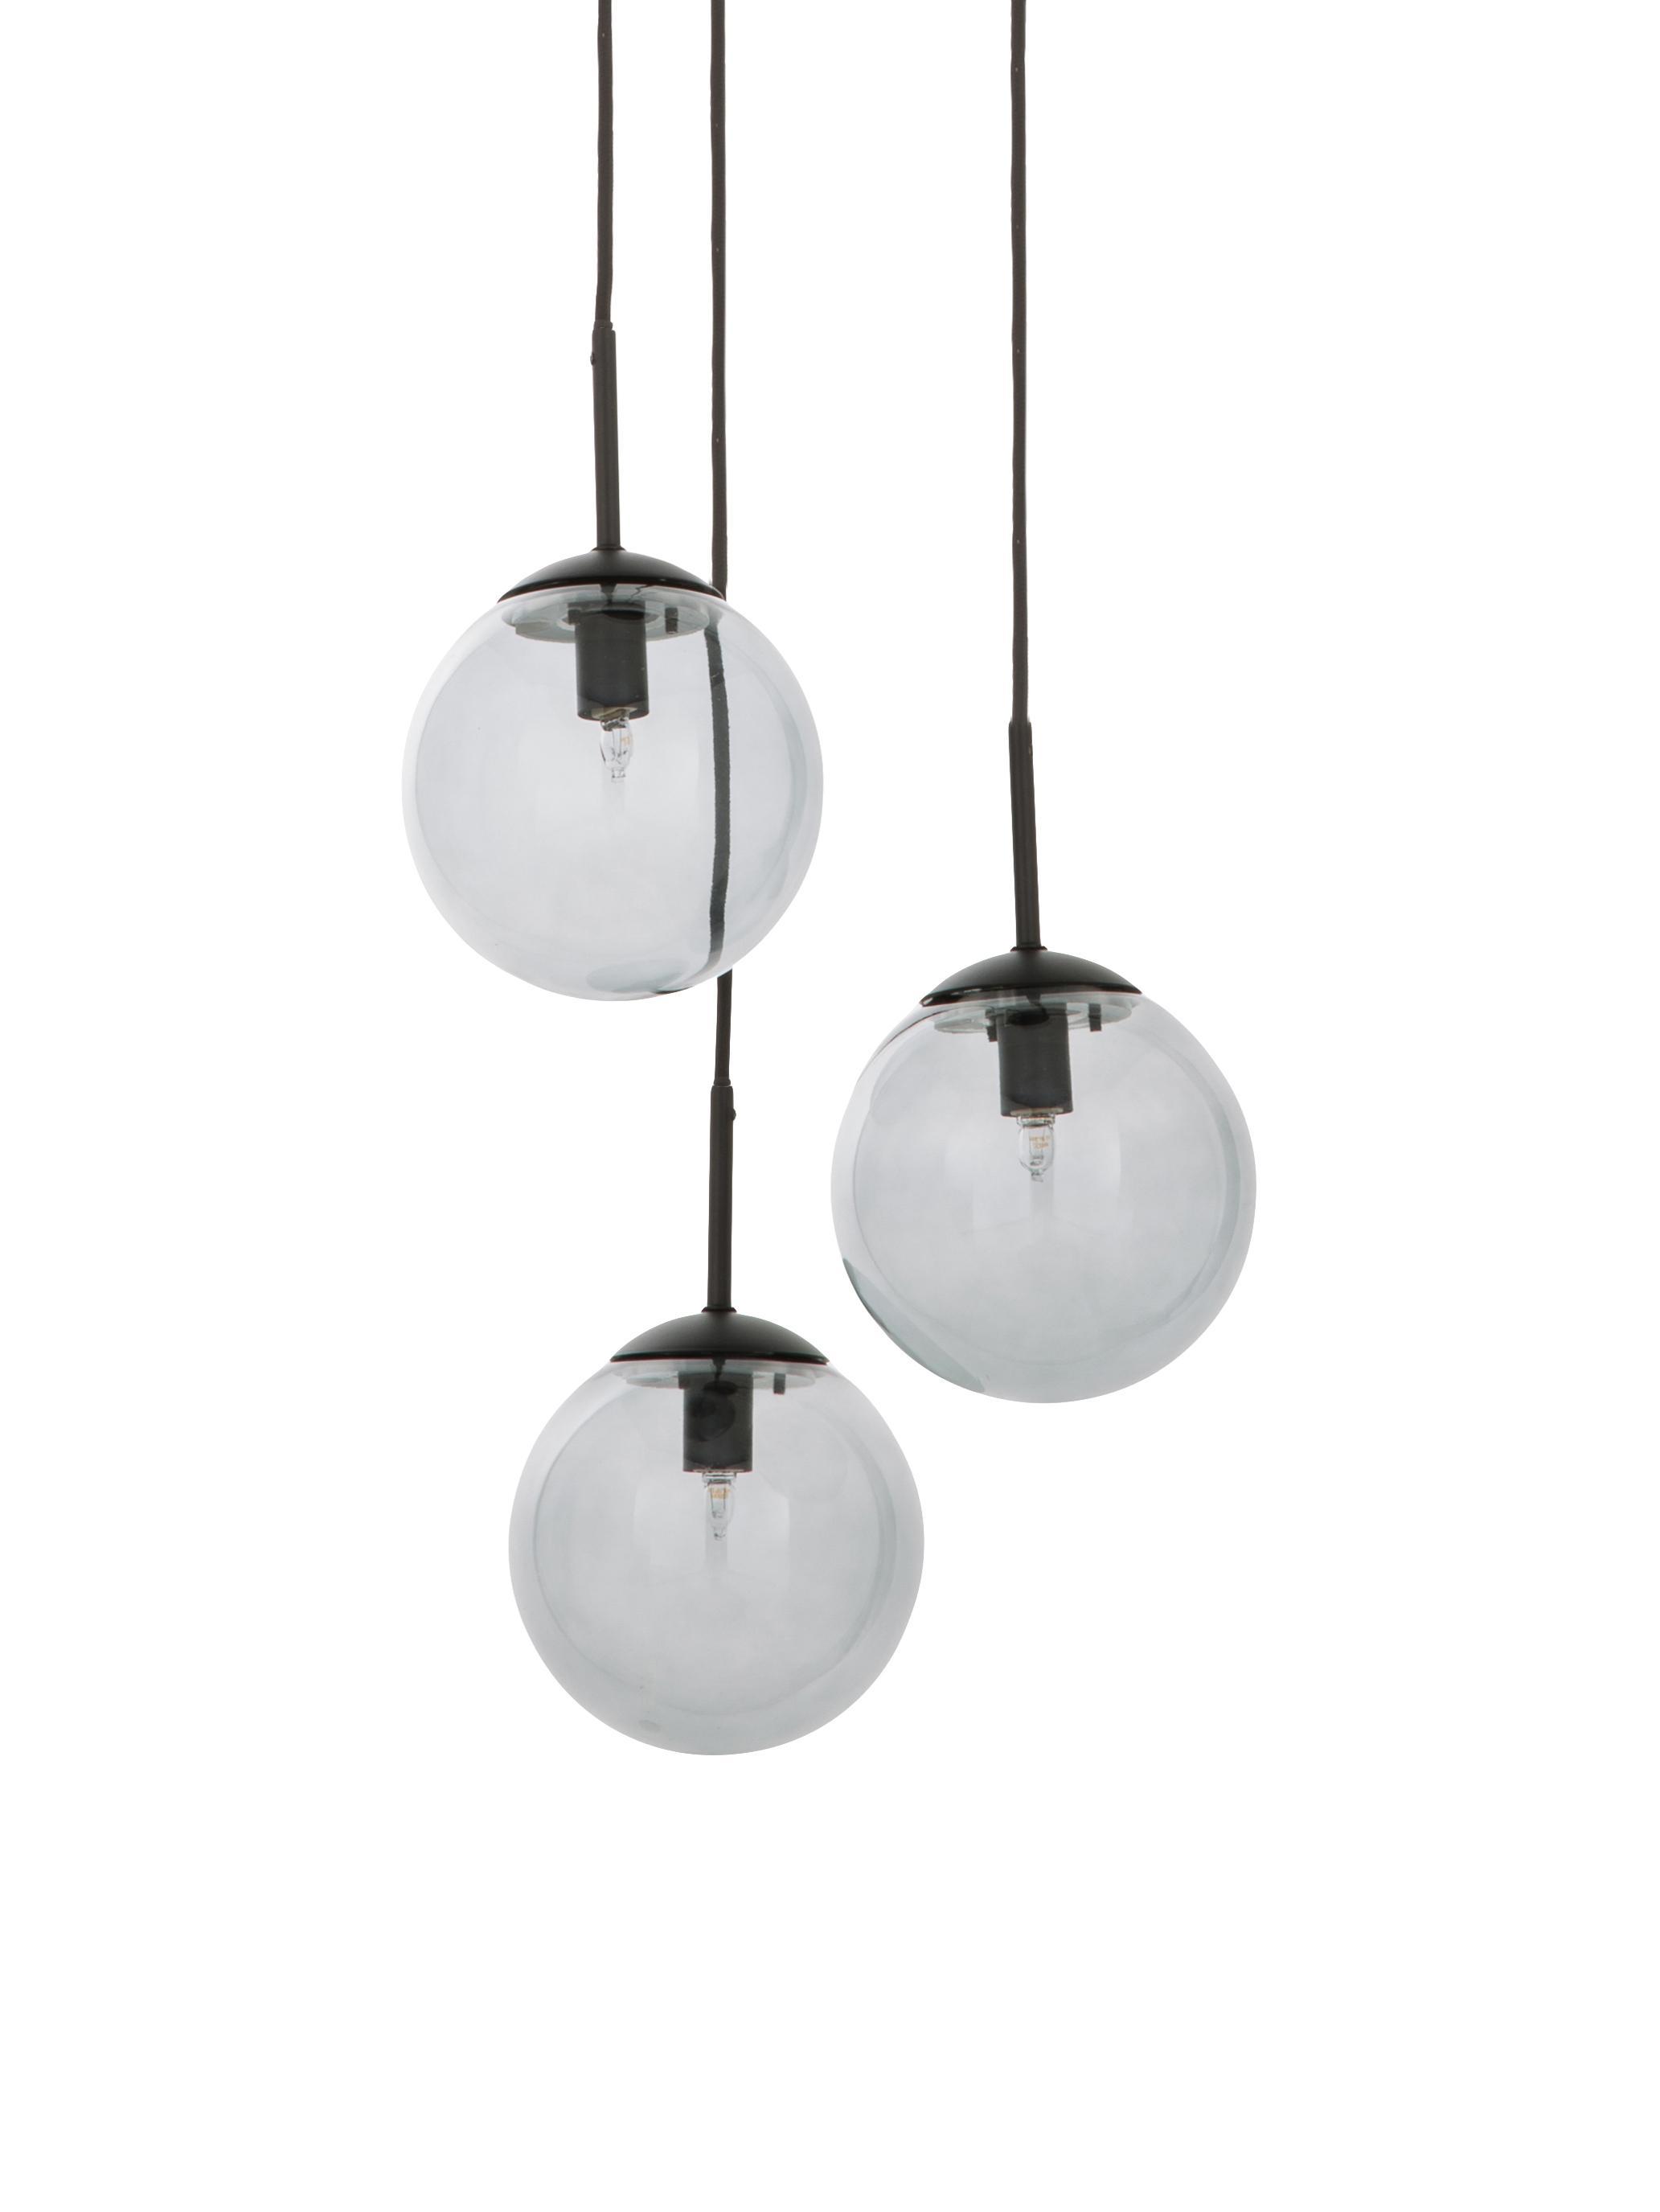 Lampada a sospensione in vetro Edie, Paralume: vetro, Grigio, nero, Ø 30 cm